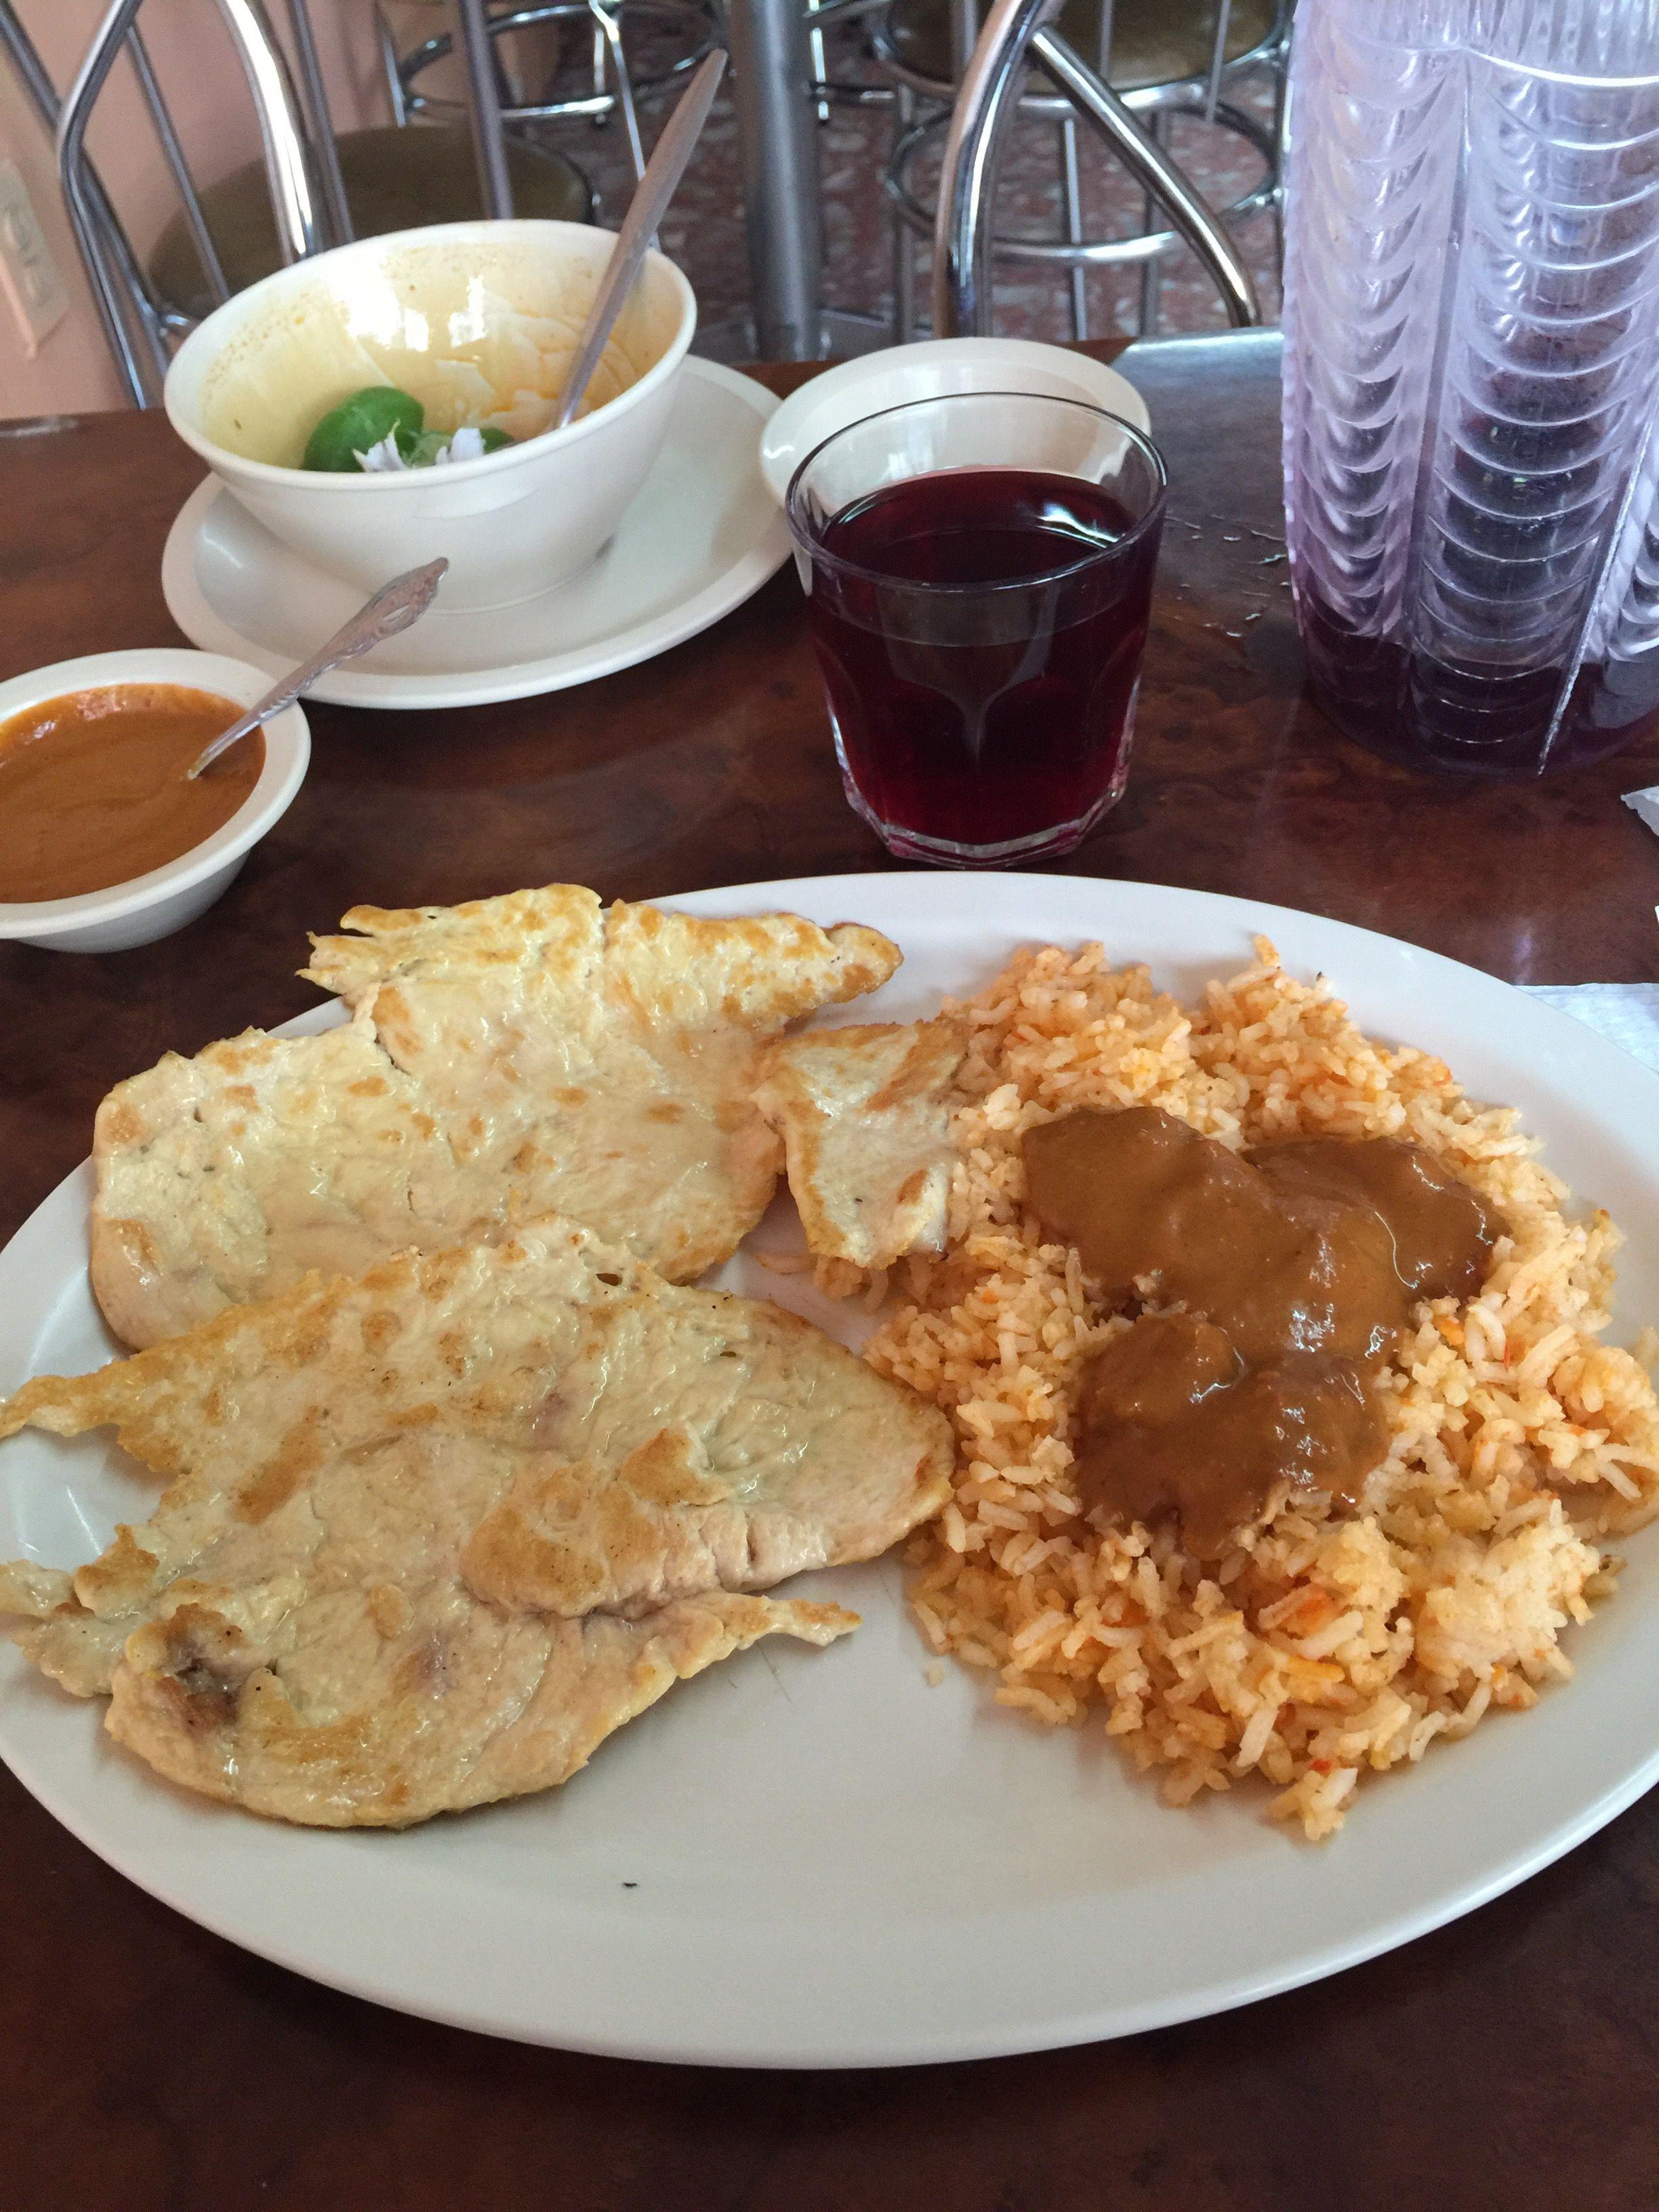 Pechuga de pollo asada acompañada de arroz rojo.